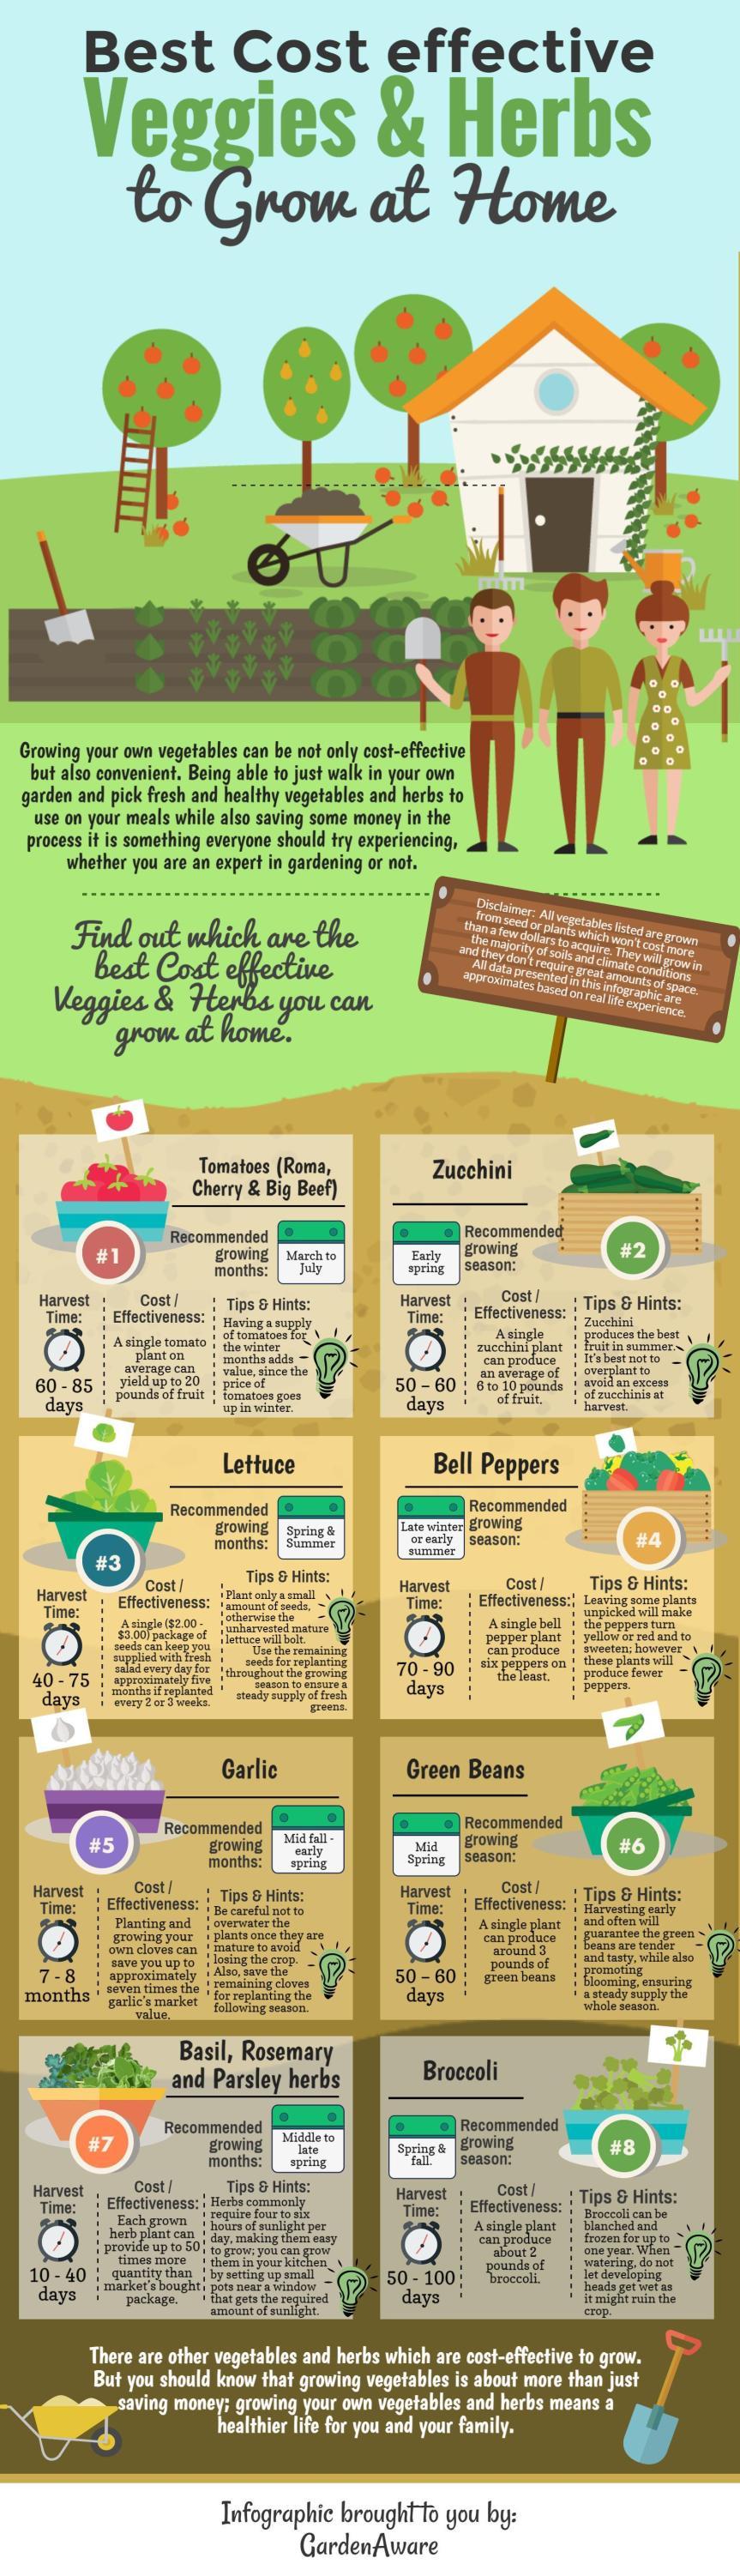 gardening_infographic-1